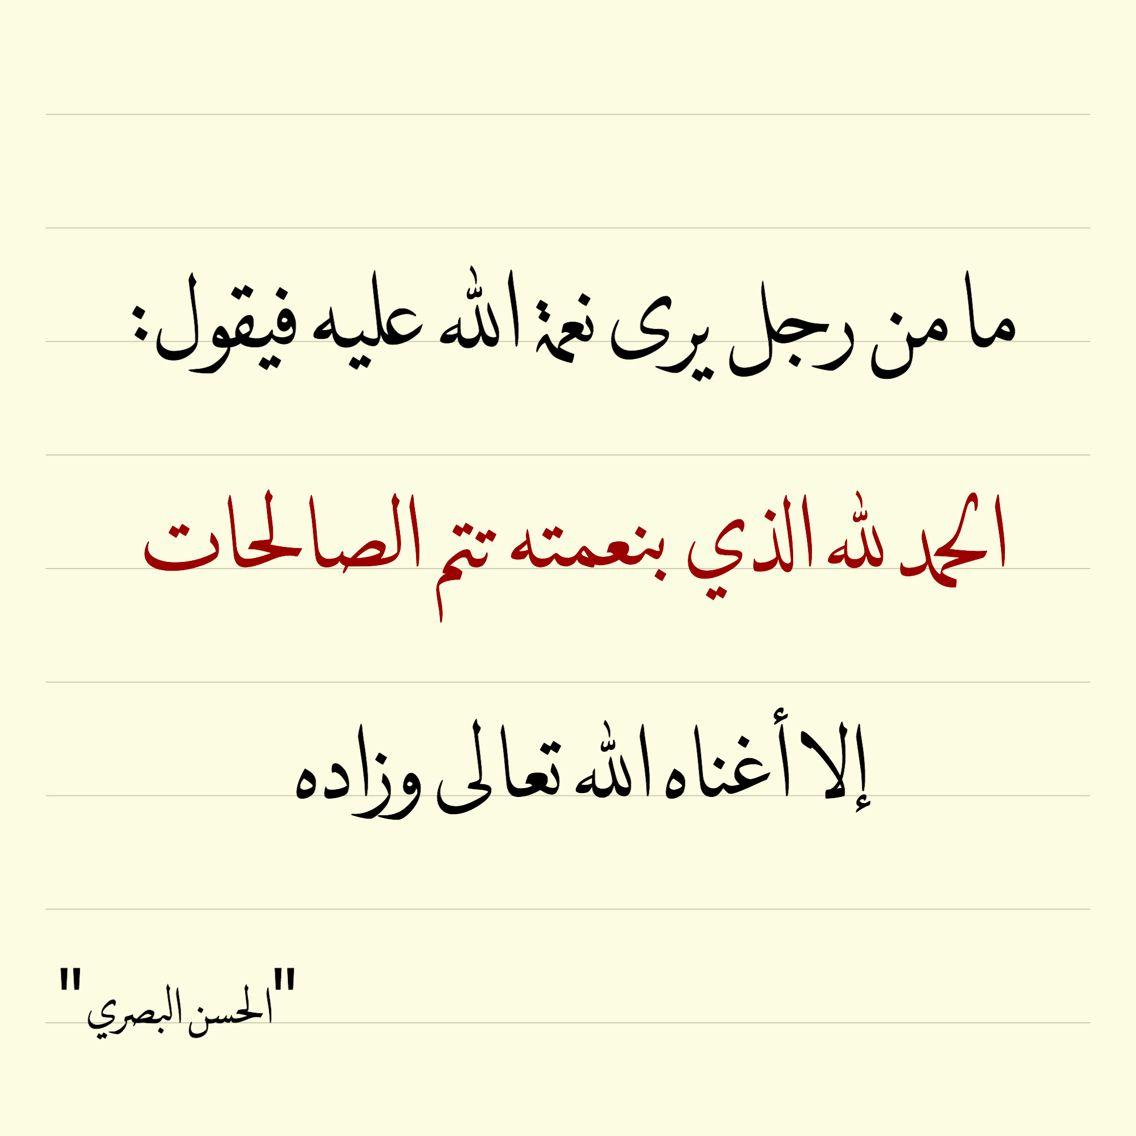 اللهم لك الحمد والشكر حمدا طيبا كثيرا يليق بجلال وجهك وعظيم سلطانك Islamic Quotes Cool Words Words Quotes